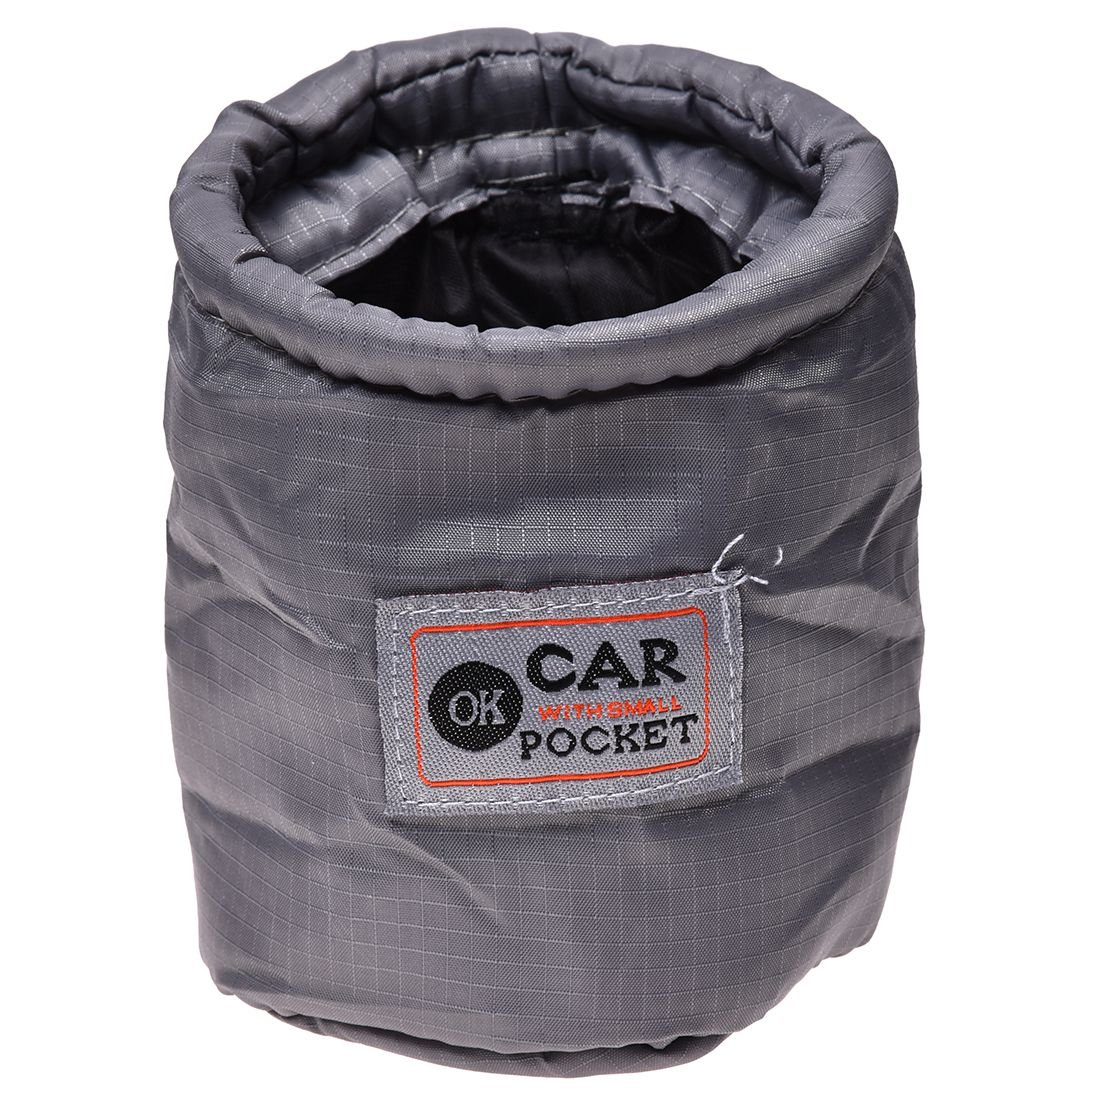 SODIAL(R) Car Air Vent Pocket Holder Bag for Pen Phone 024939